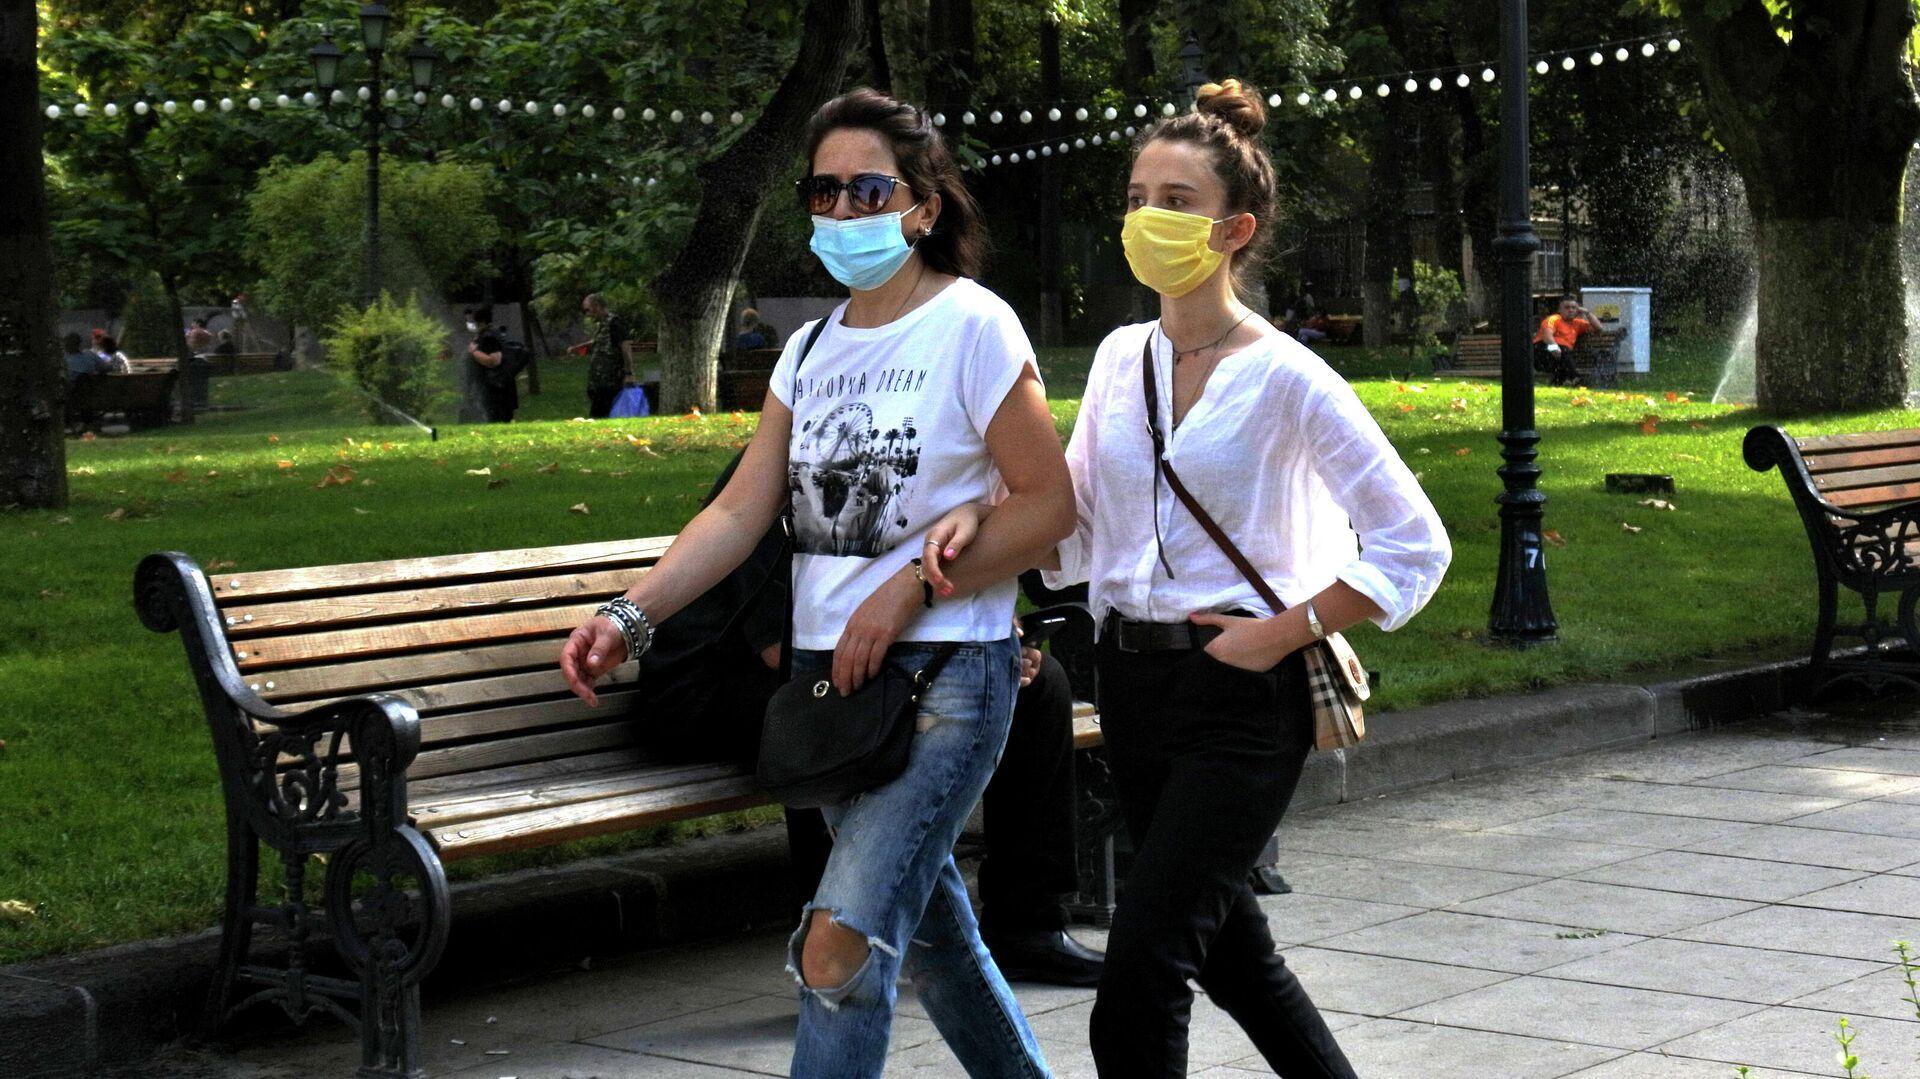 Эпидемия коронавируса - люди на улице в масках - Sputnik Грузия, 1920, 22.09.2021